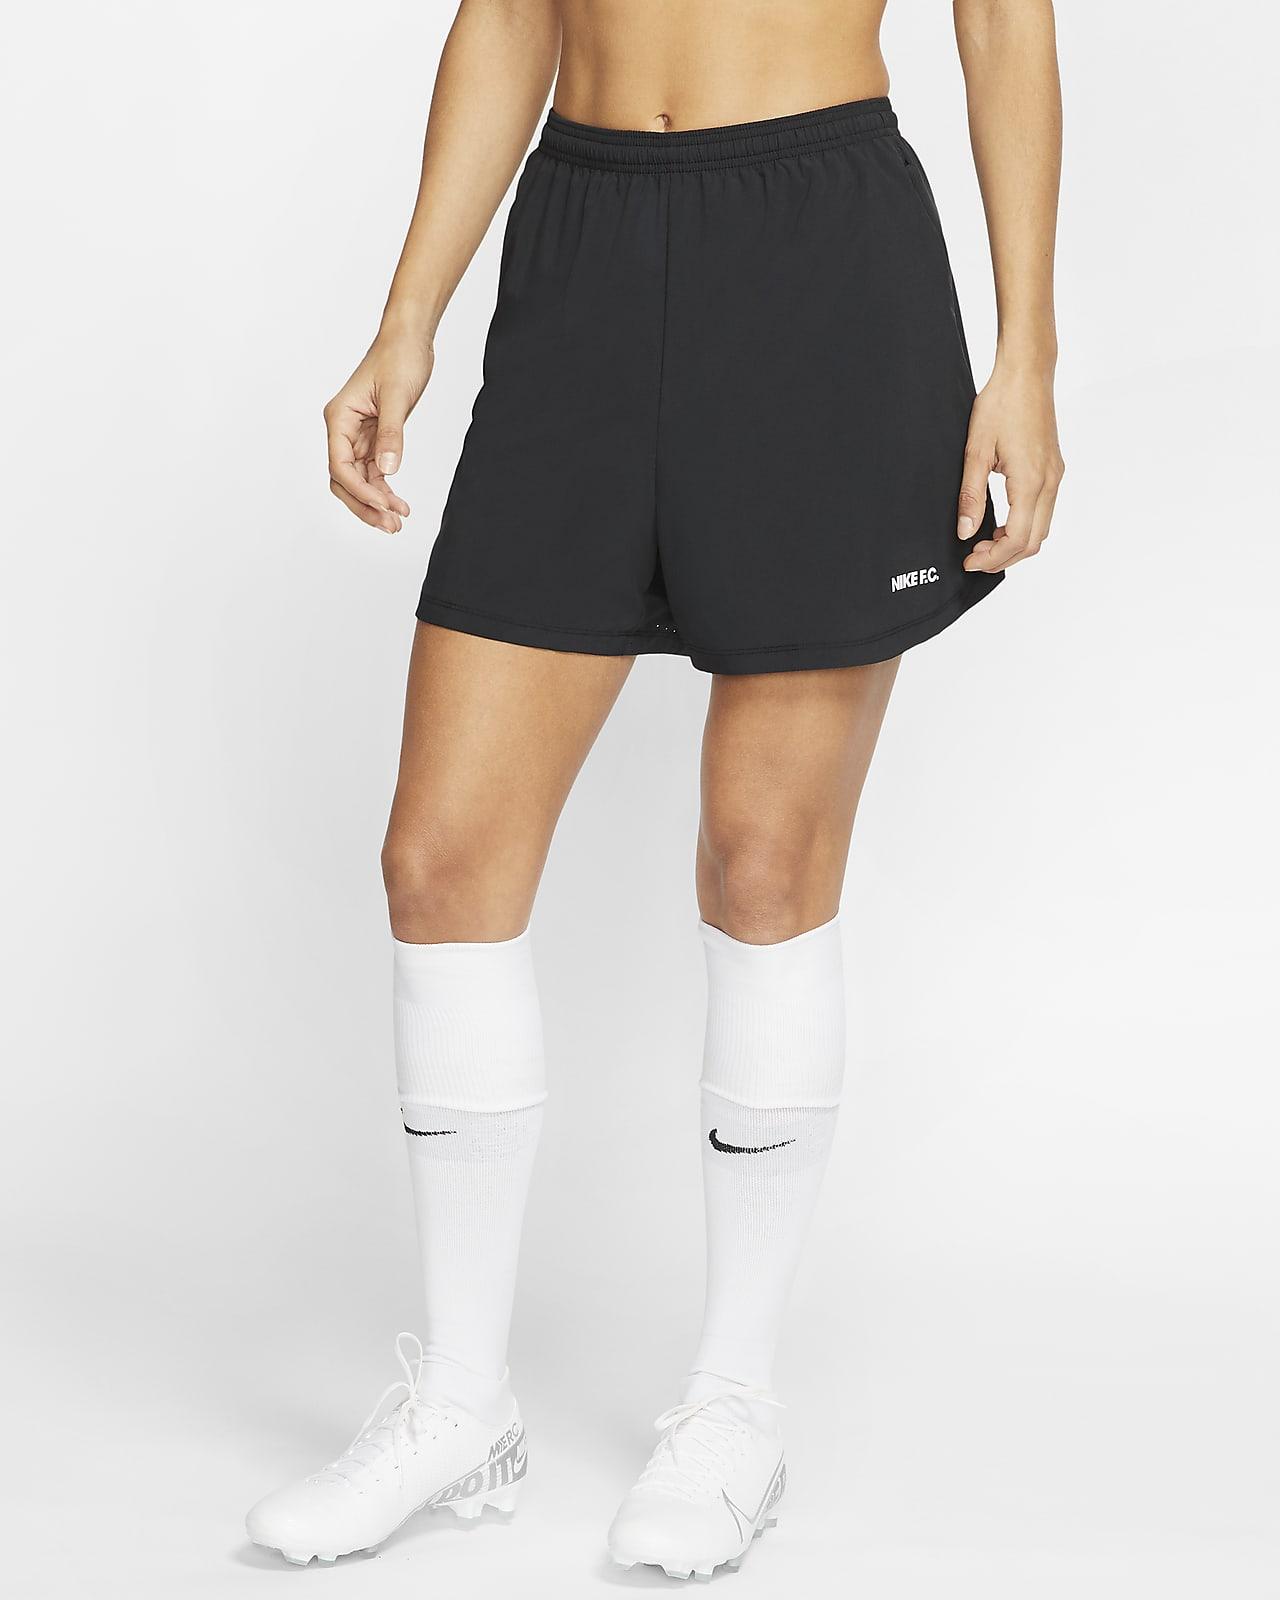 Nike F.C. fotballshorts til dame